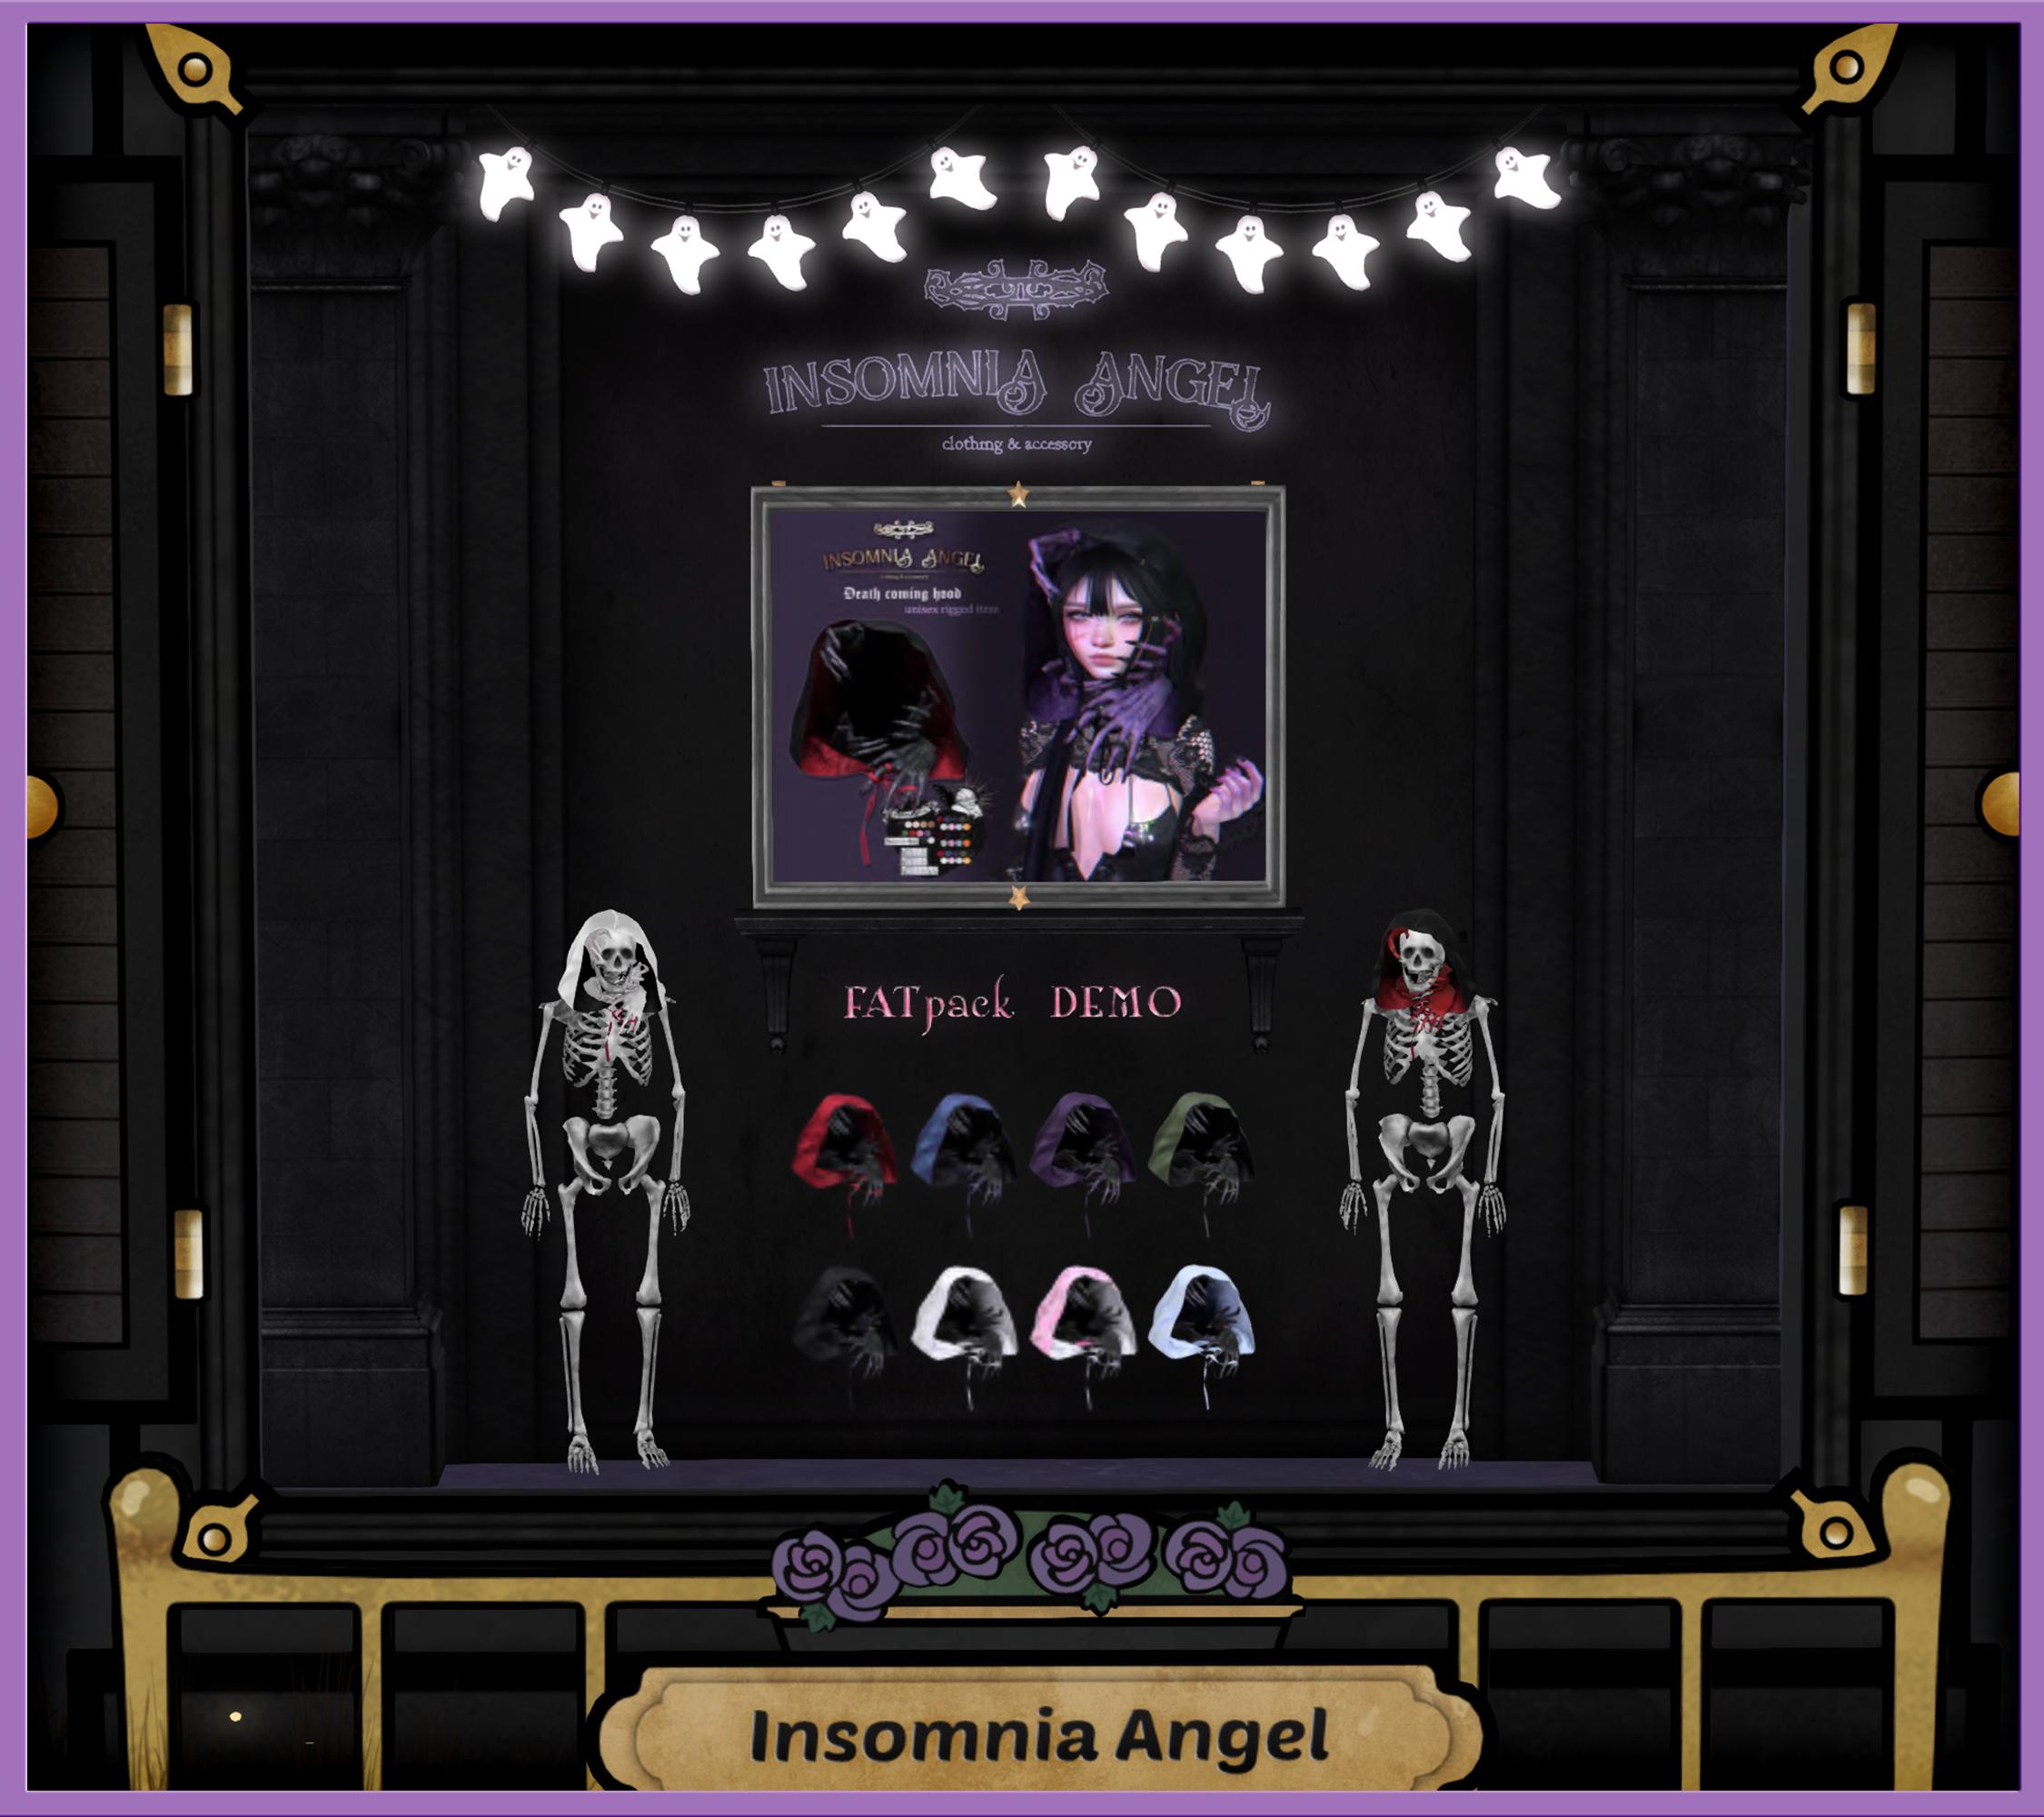 Insomnia Angel